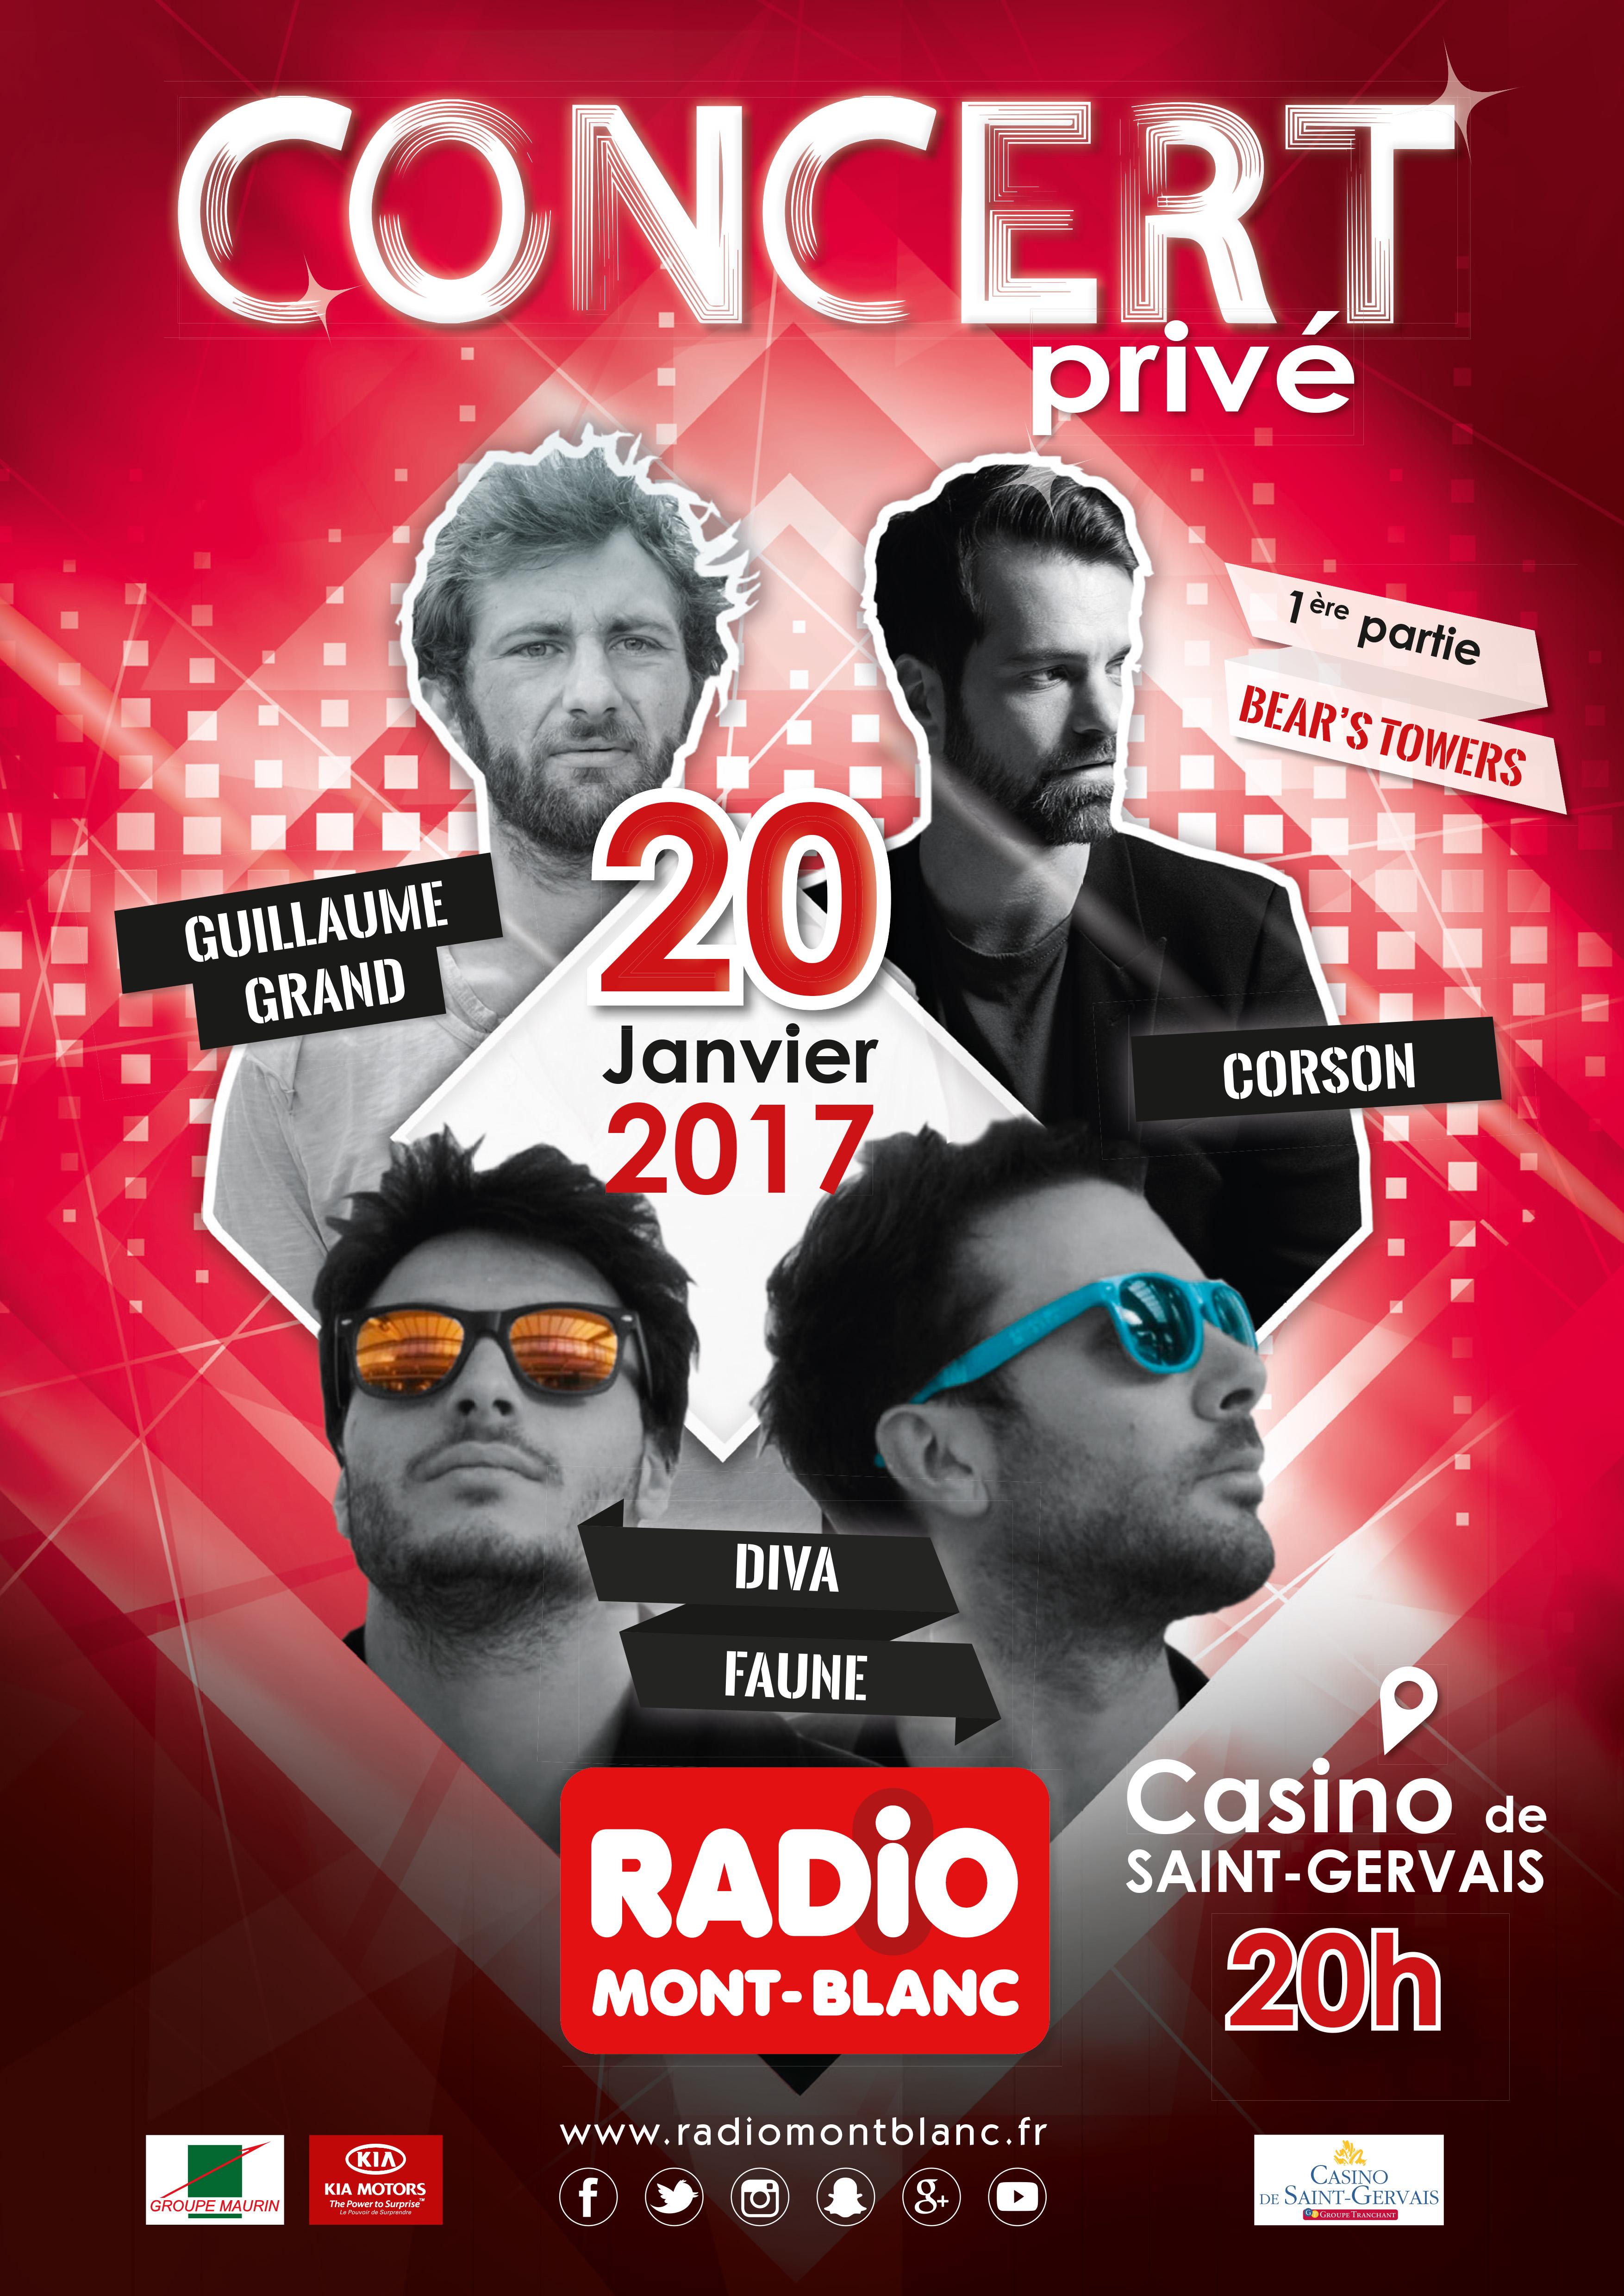 Radio Mont Blanc organise un concert privé